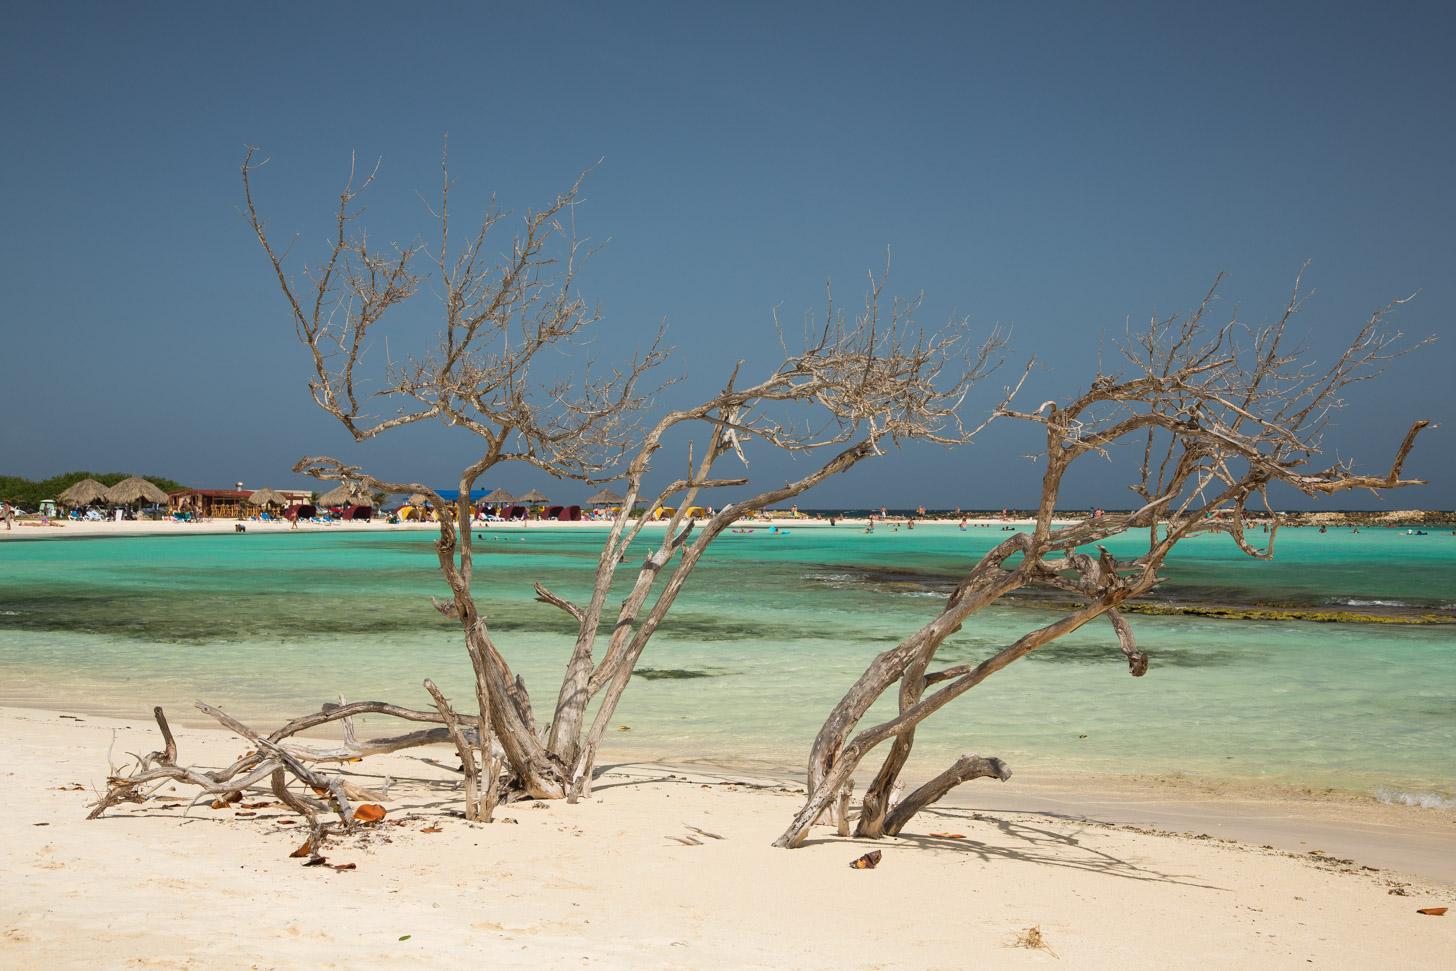 Uitgedroogde divi-bomen op het strand van Aruba